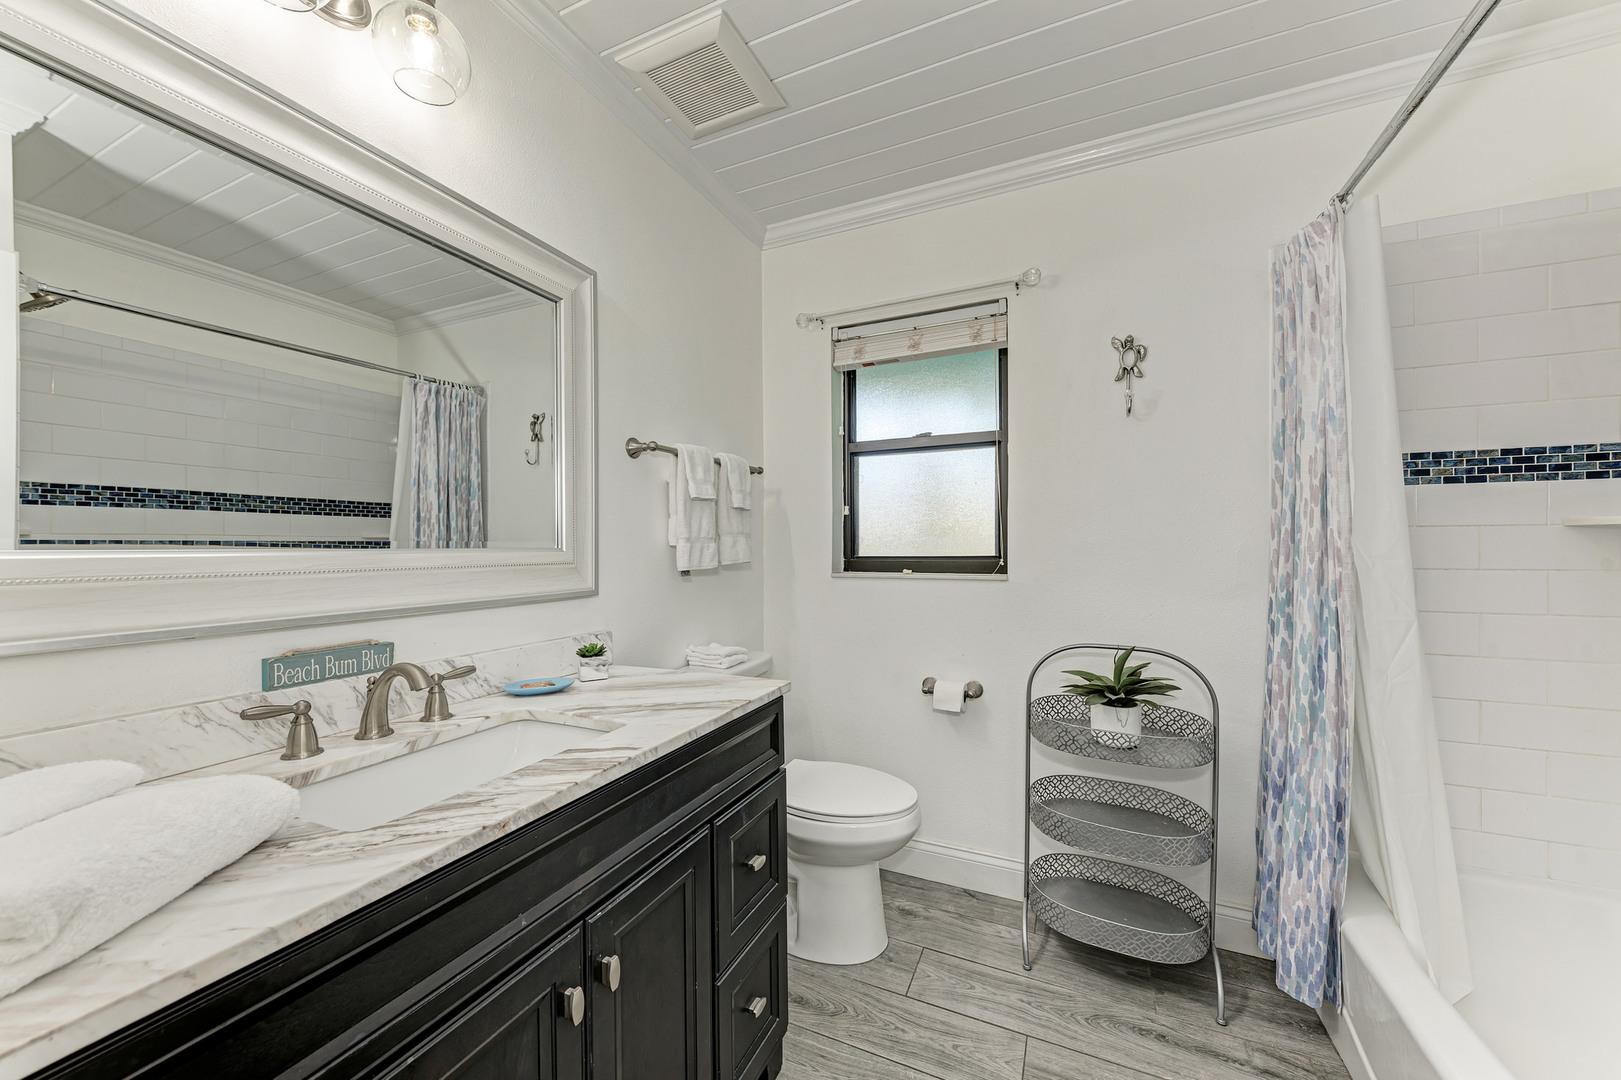 Barefoot Bungalow guest bathroom view from doorway